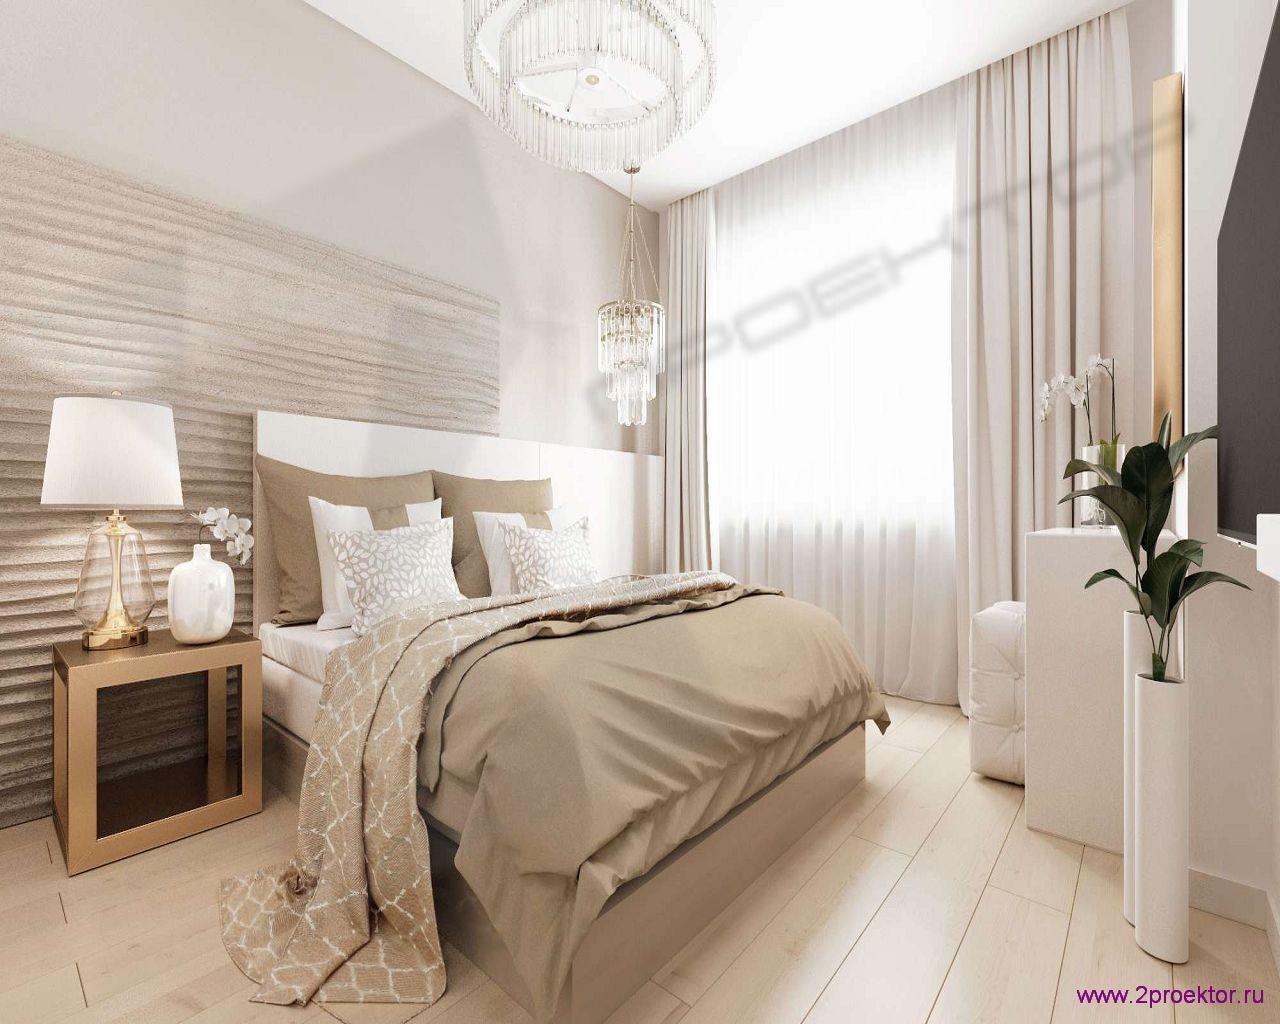 Дизайн спальни в светлых тонах в Жилом комплексе Невский